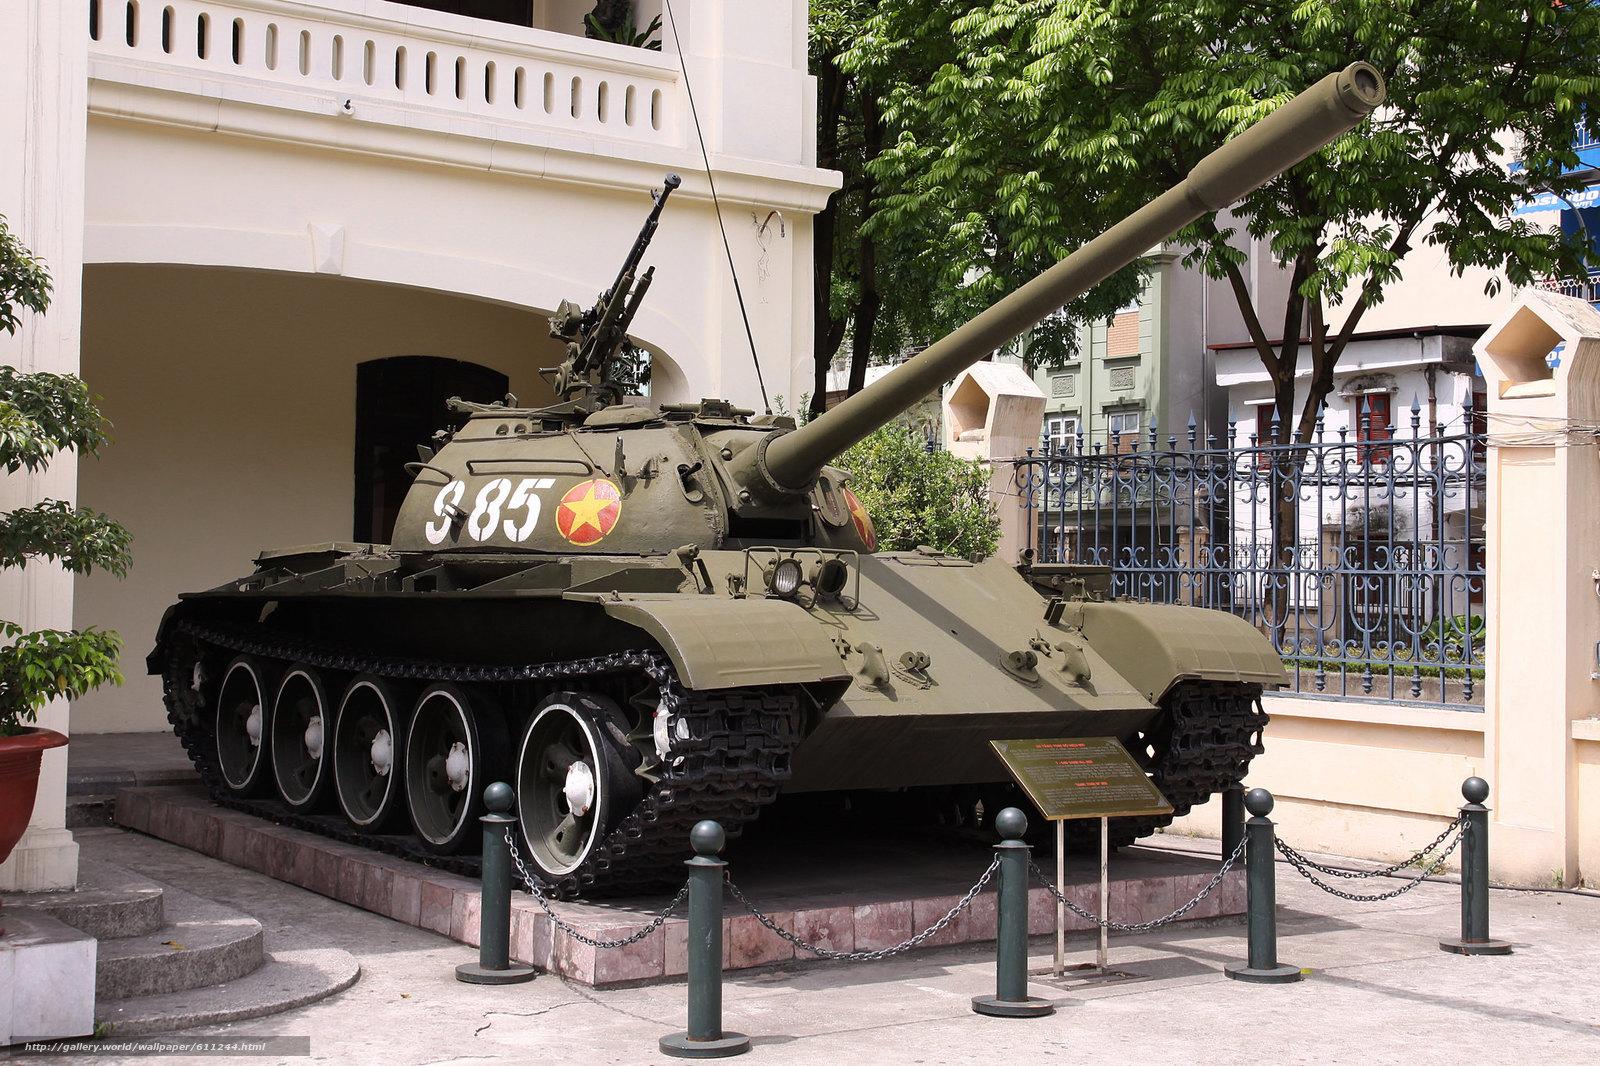 Скачать на телефон обои фото картинку на тему т-54б, советский, средний, танк, бронетехника, оружие, ссср, вьетнам, разширение 2048x1365